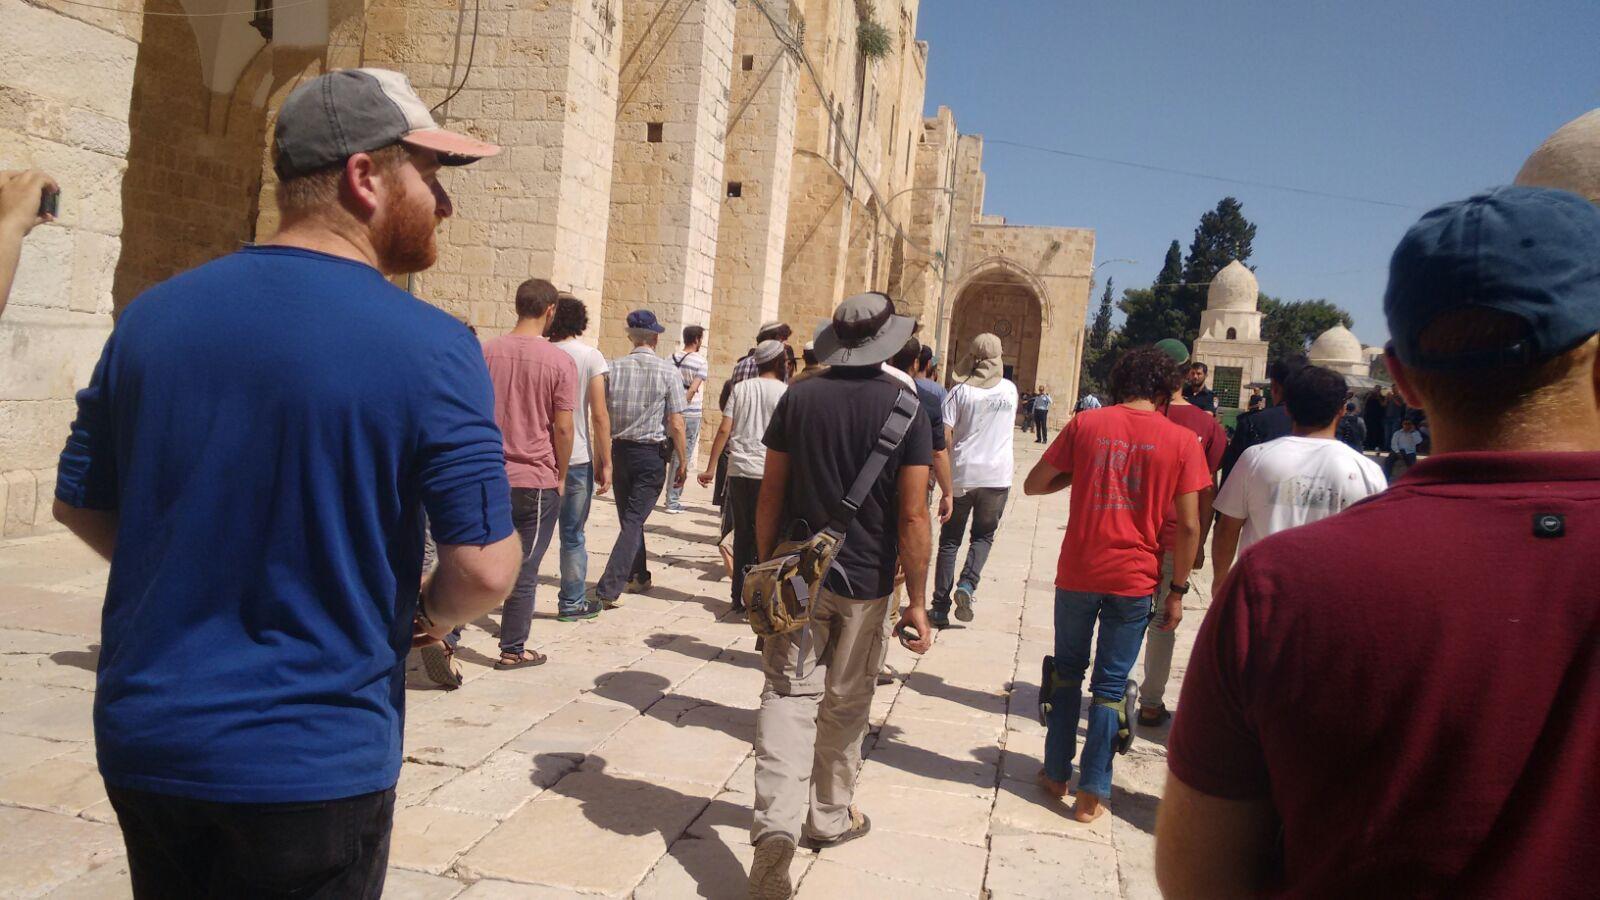 Short tour on Temple Mount